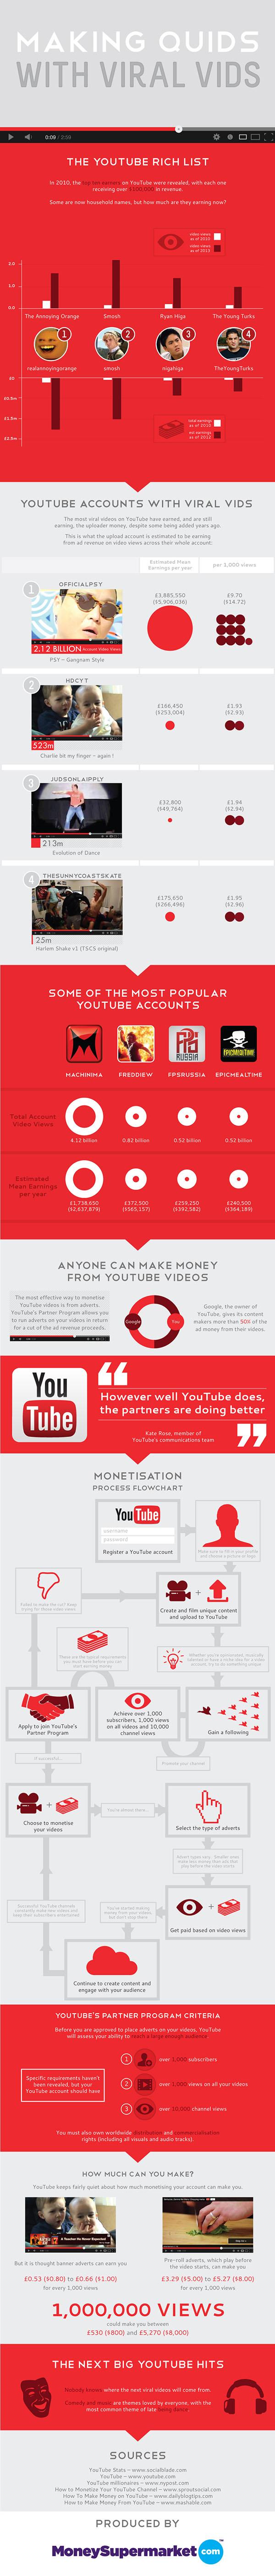 youtube-geld-verdienen-infographic